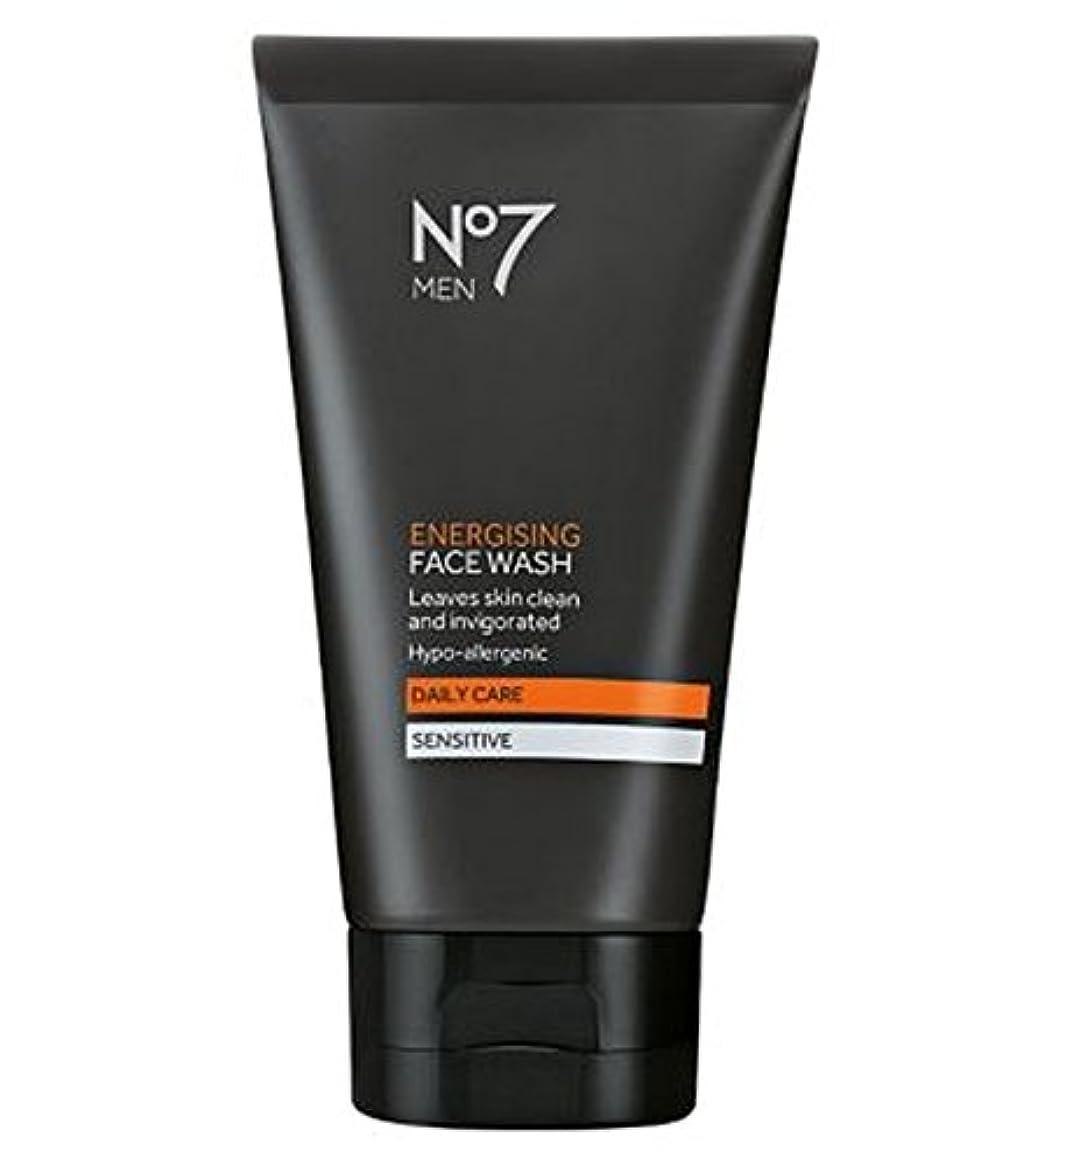 推定するディスコレーザNo7 Men Energising Face Wash 150ml - 洗顔料の150ミリリットルを通電No7の男性 (No7) [並行輸入品]